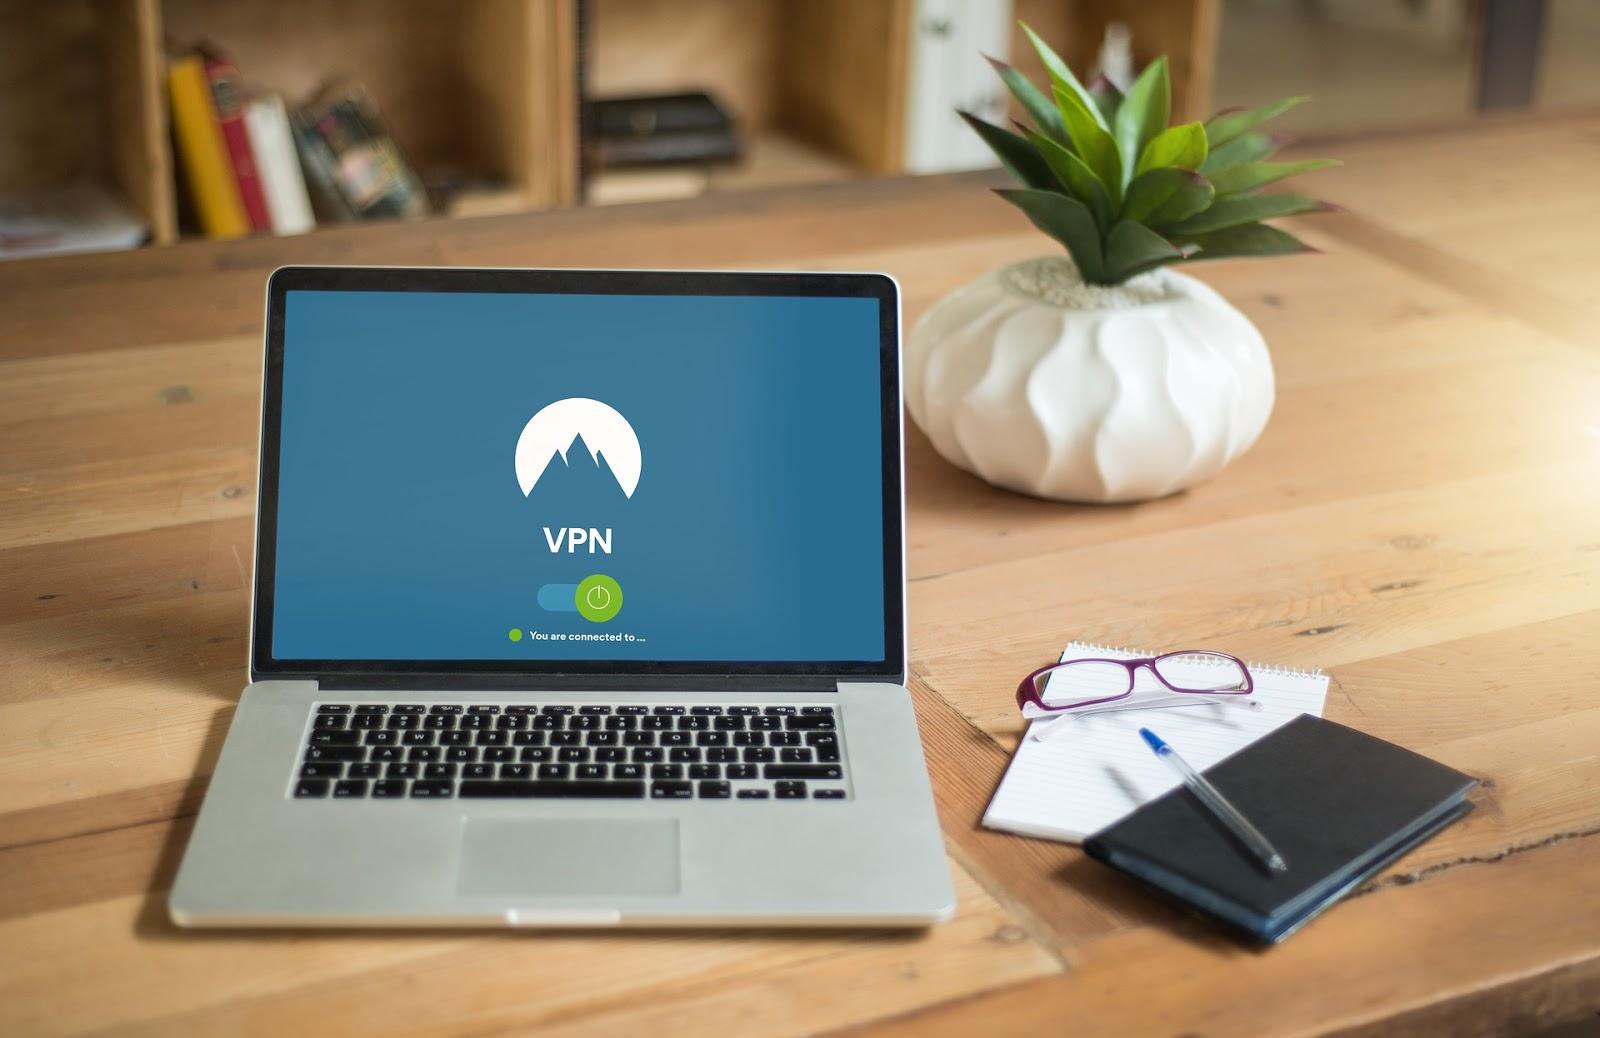 طريقة تنصيب شبكة vpn على نظام ويندوز 10